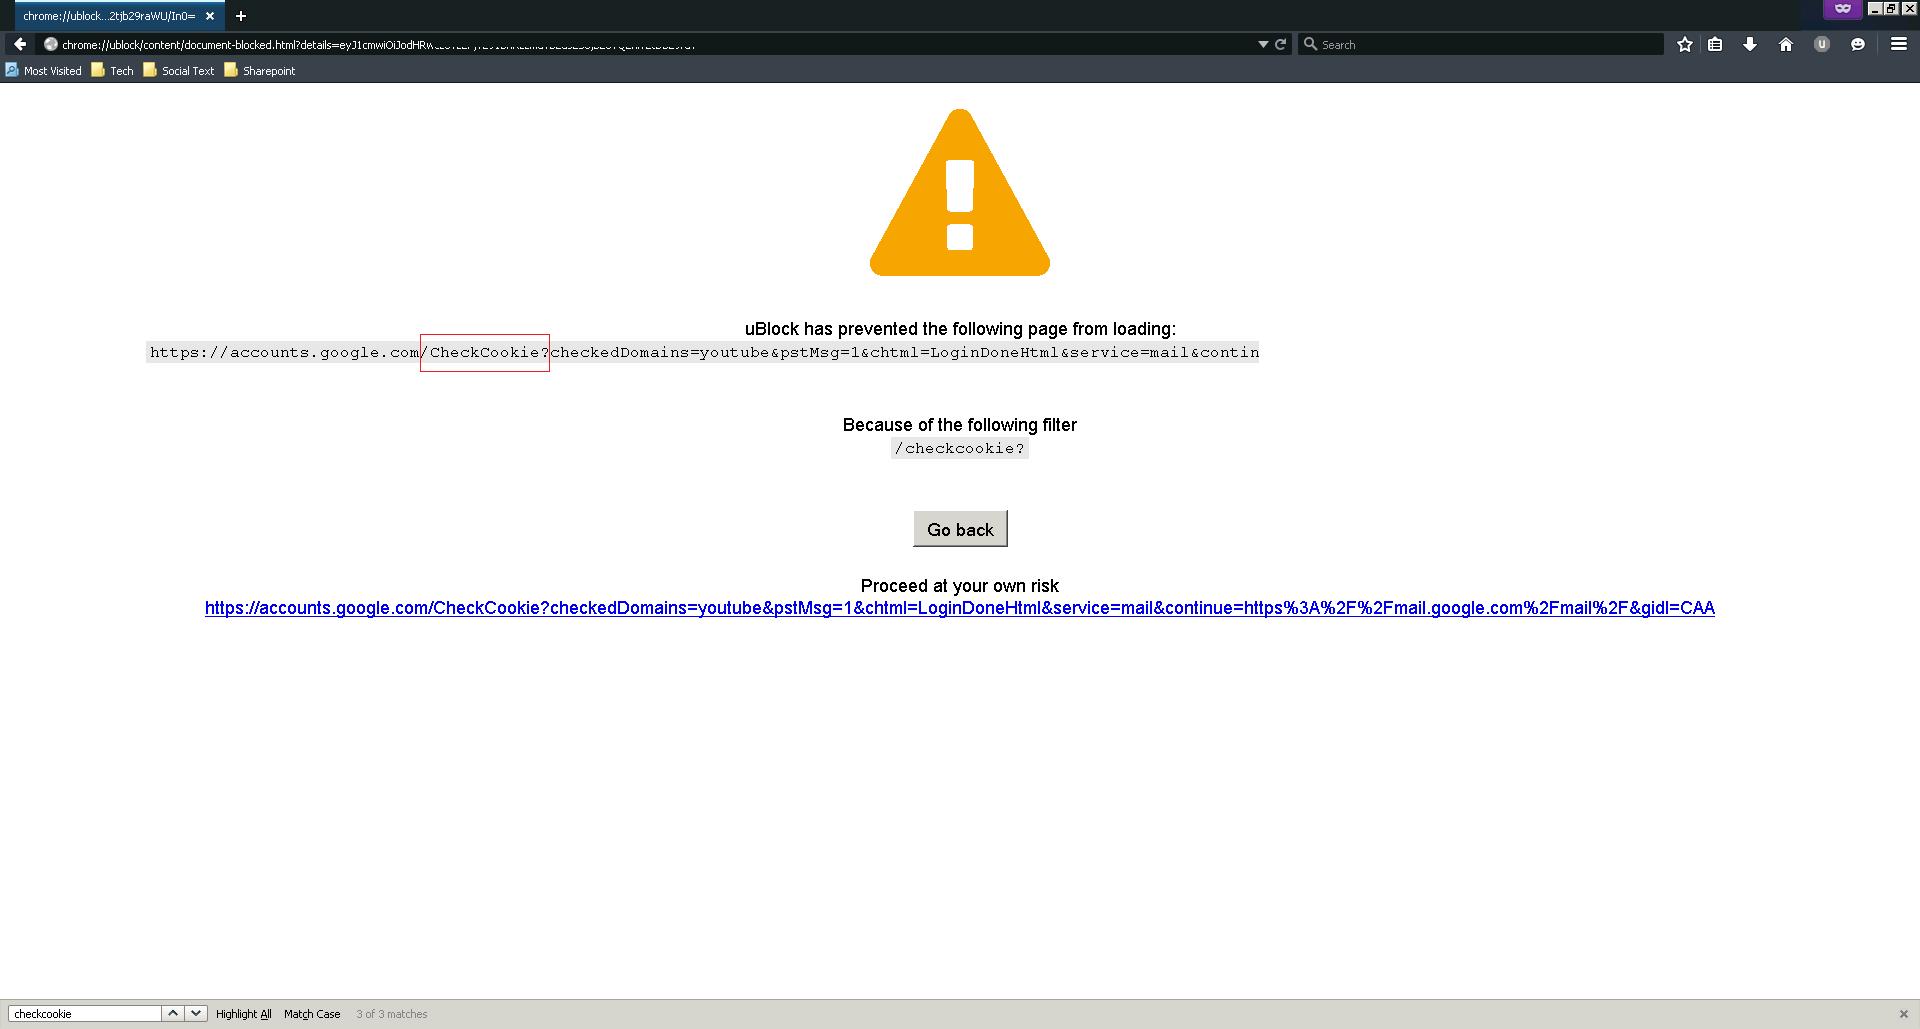 ublock incorrect block